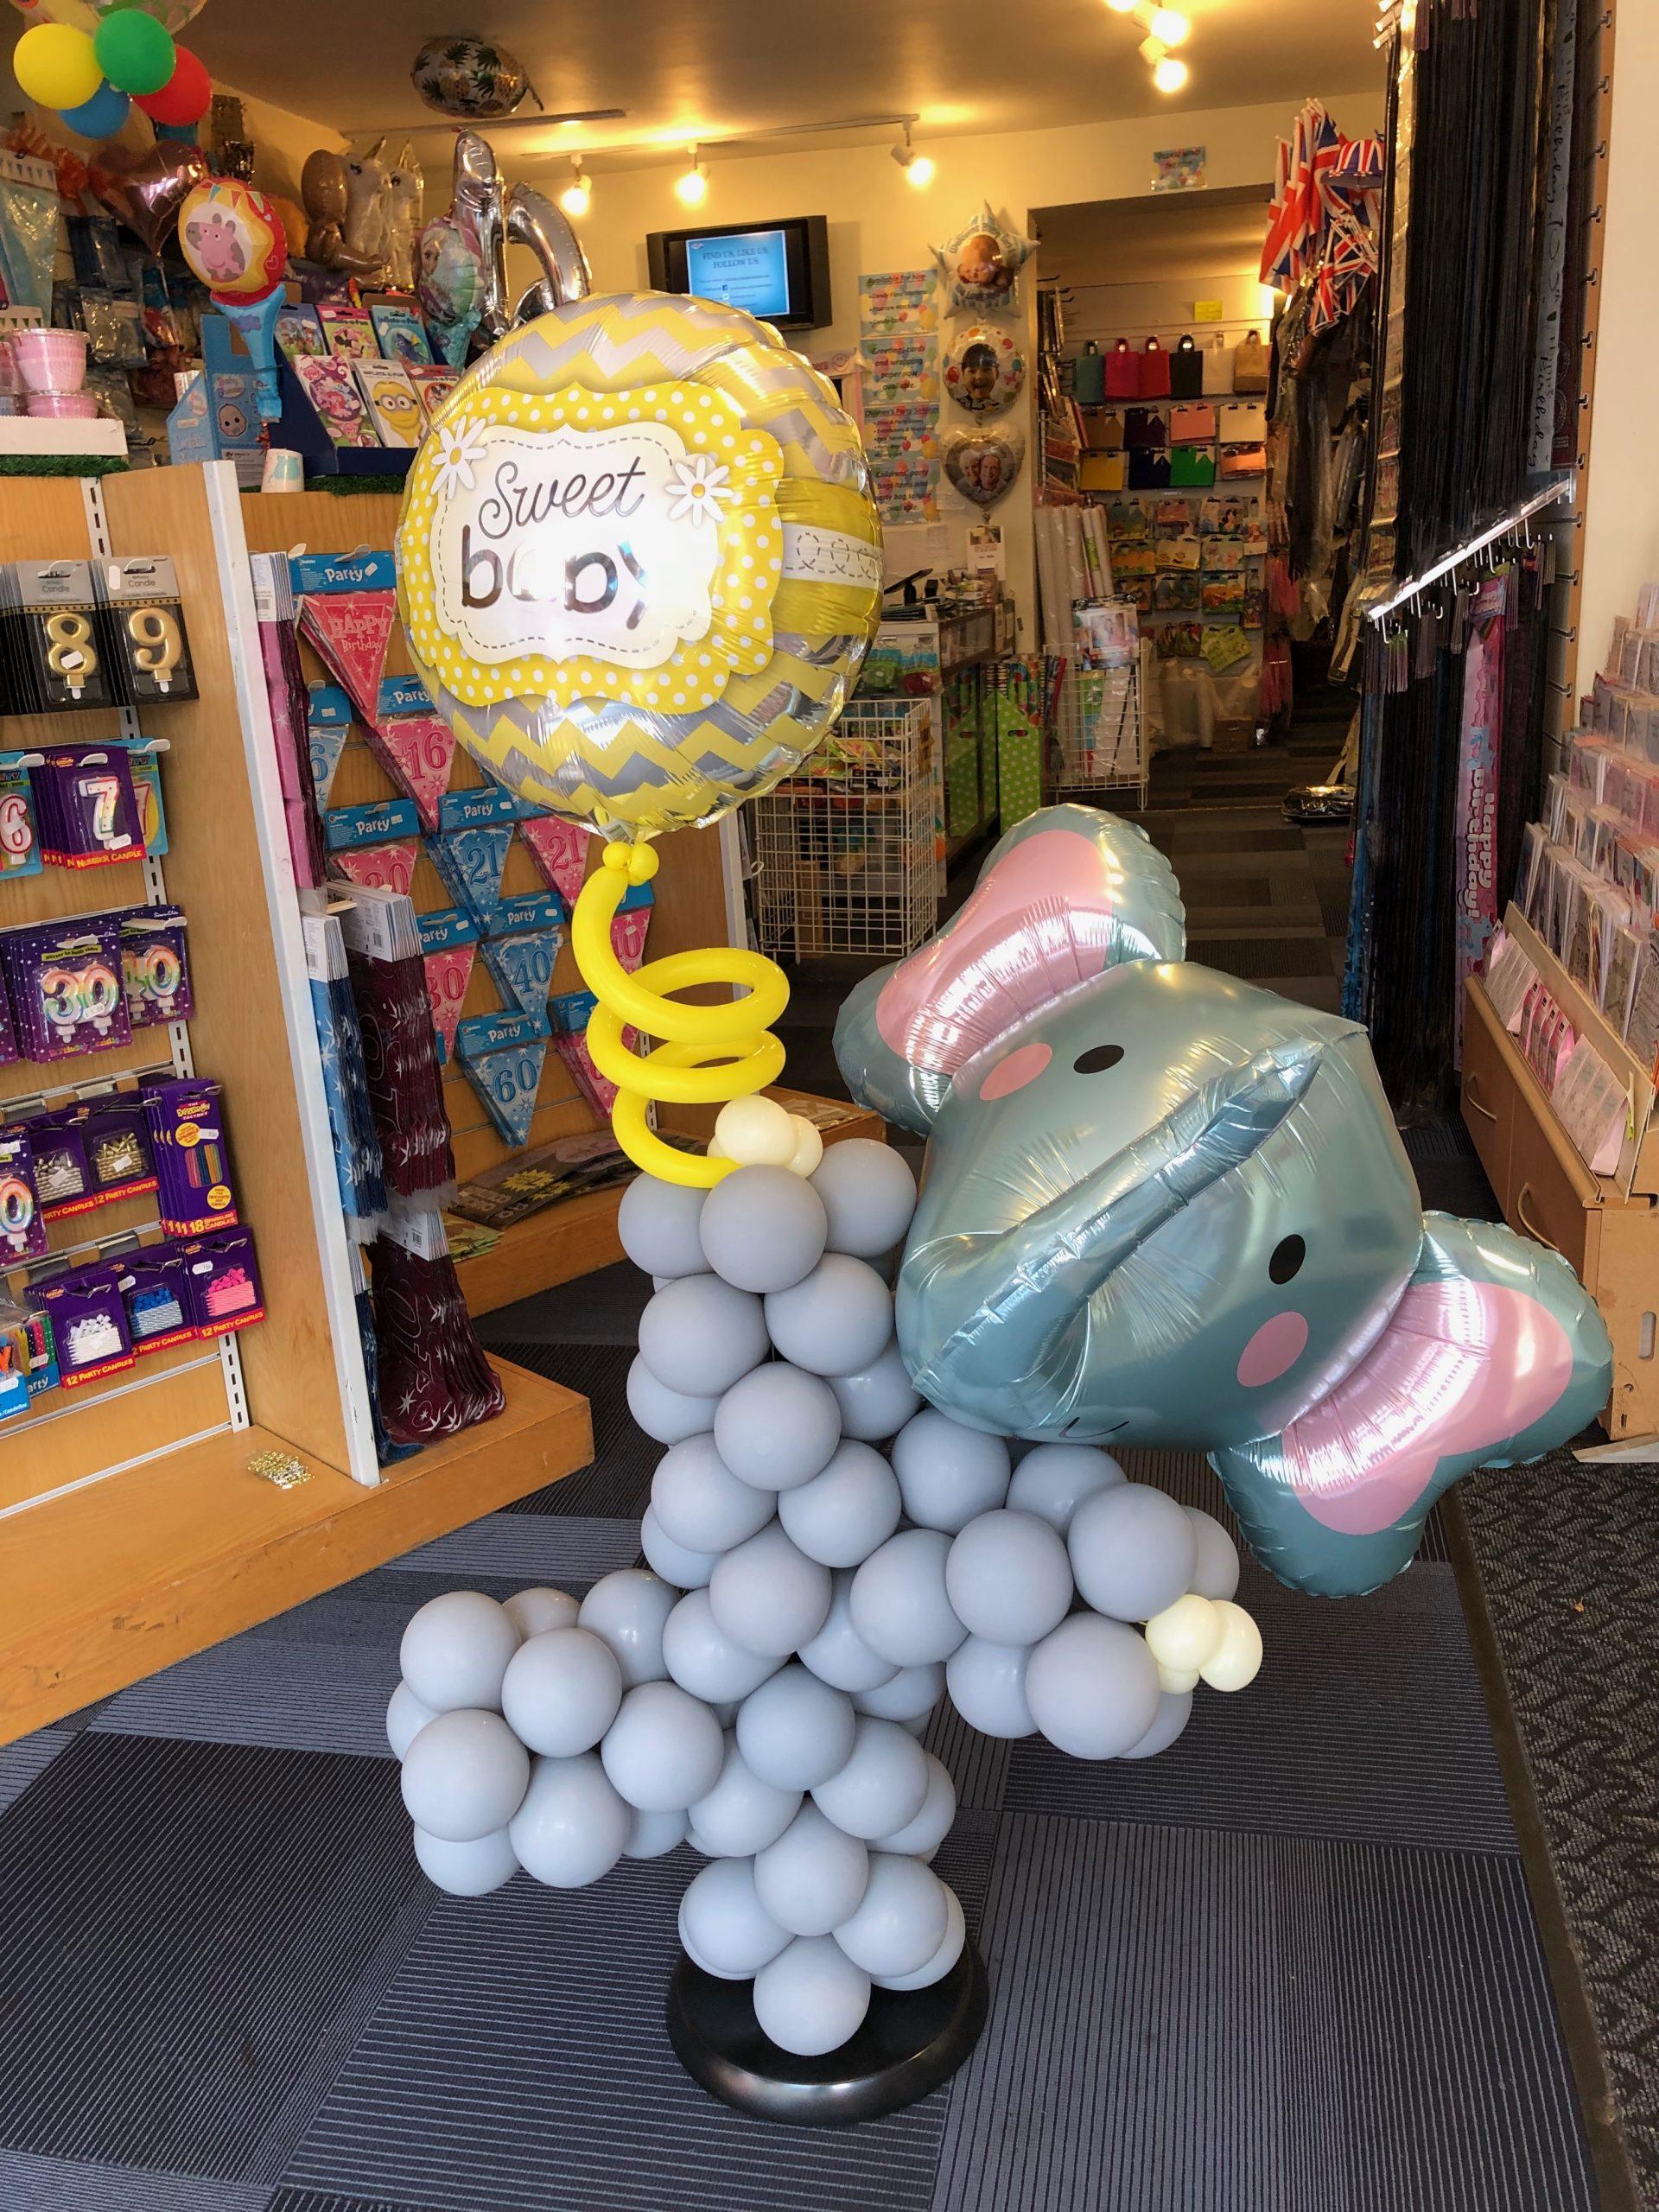 Balloon elephant with 3D head